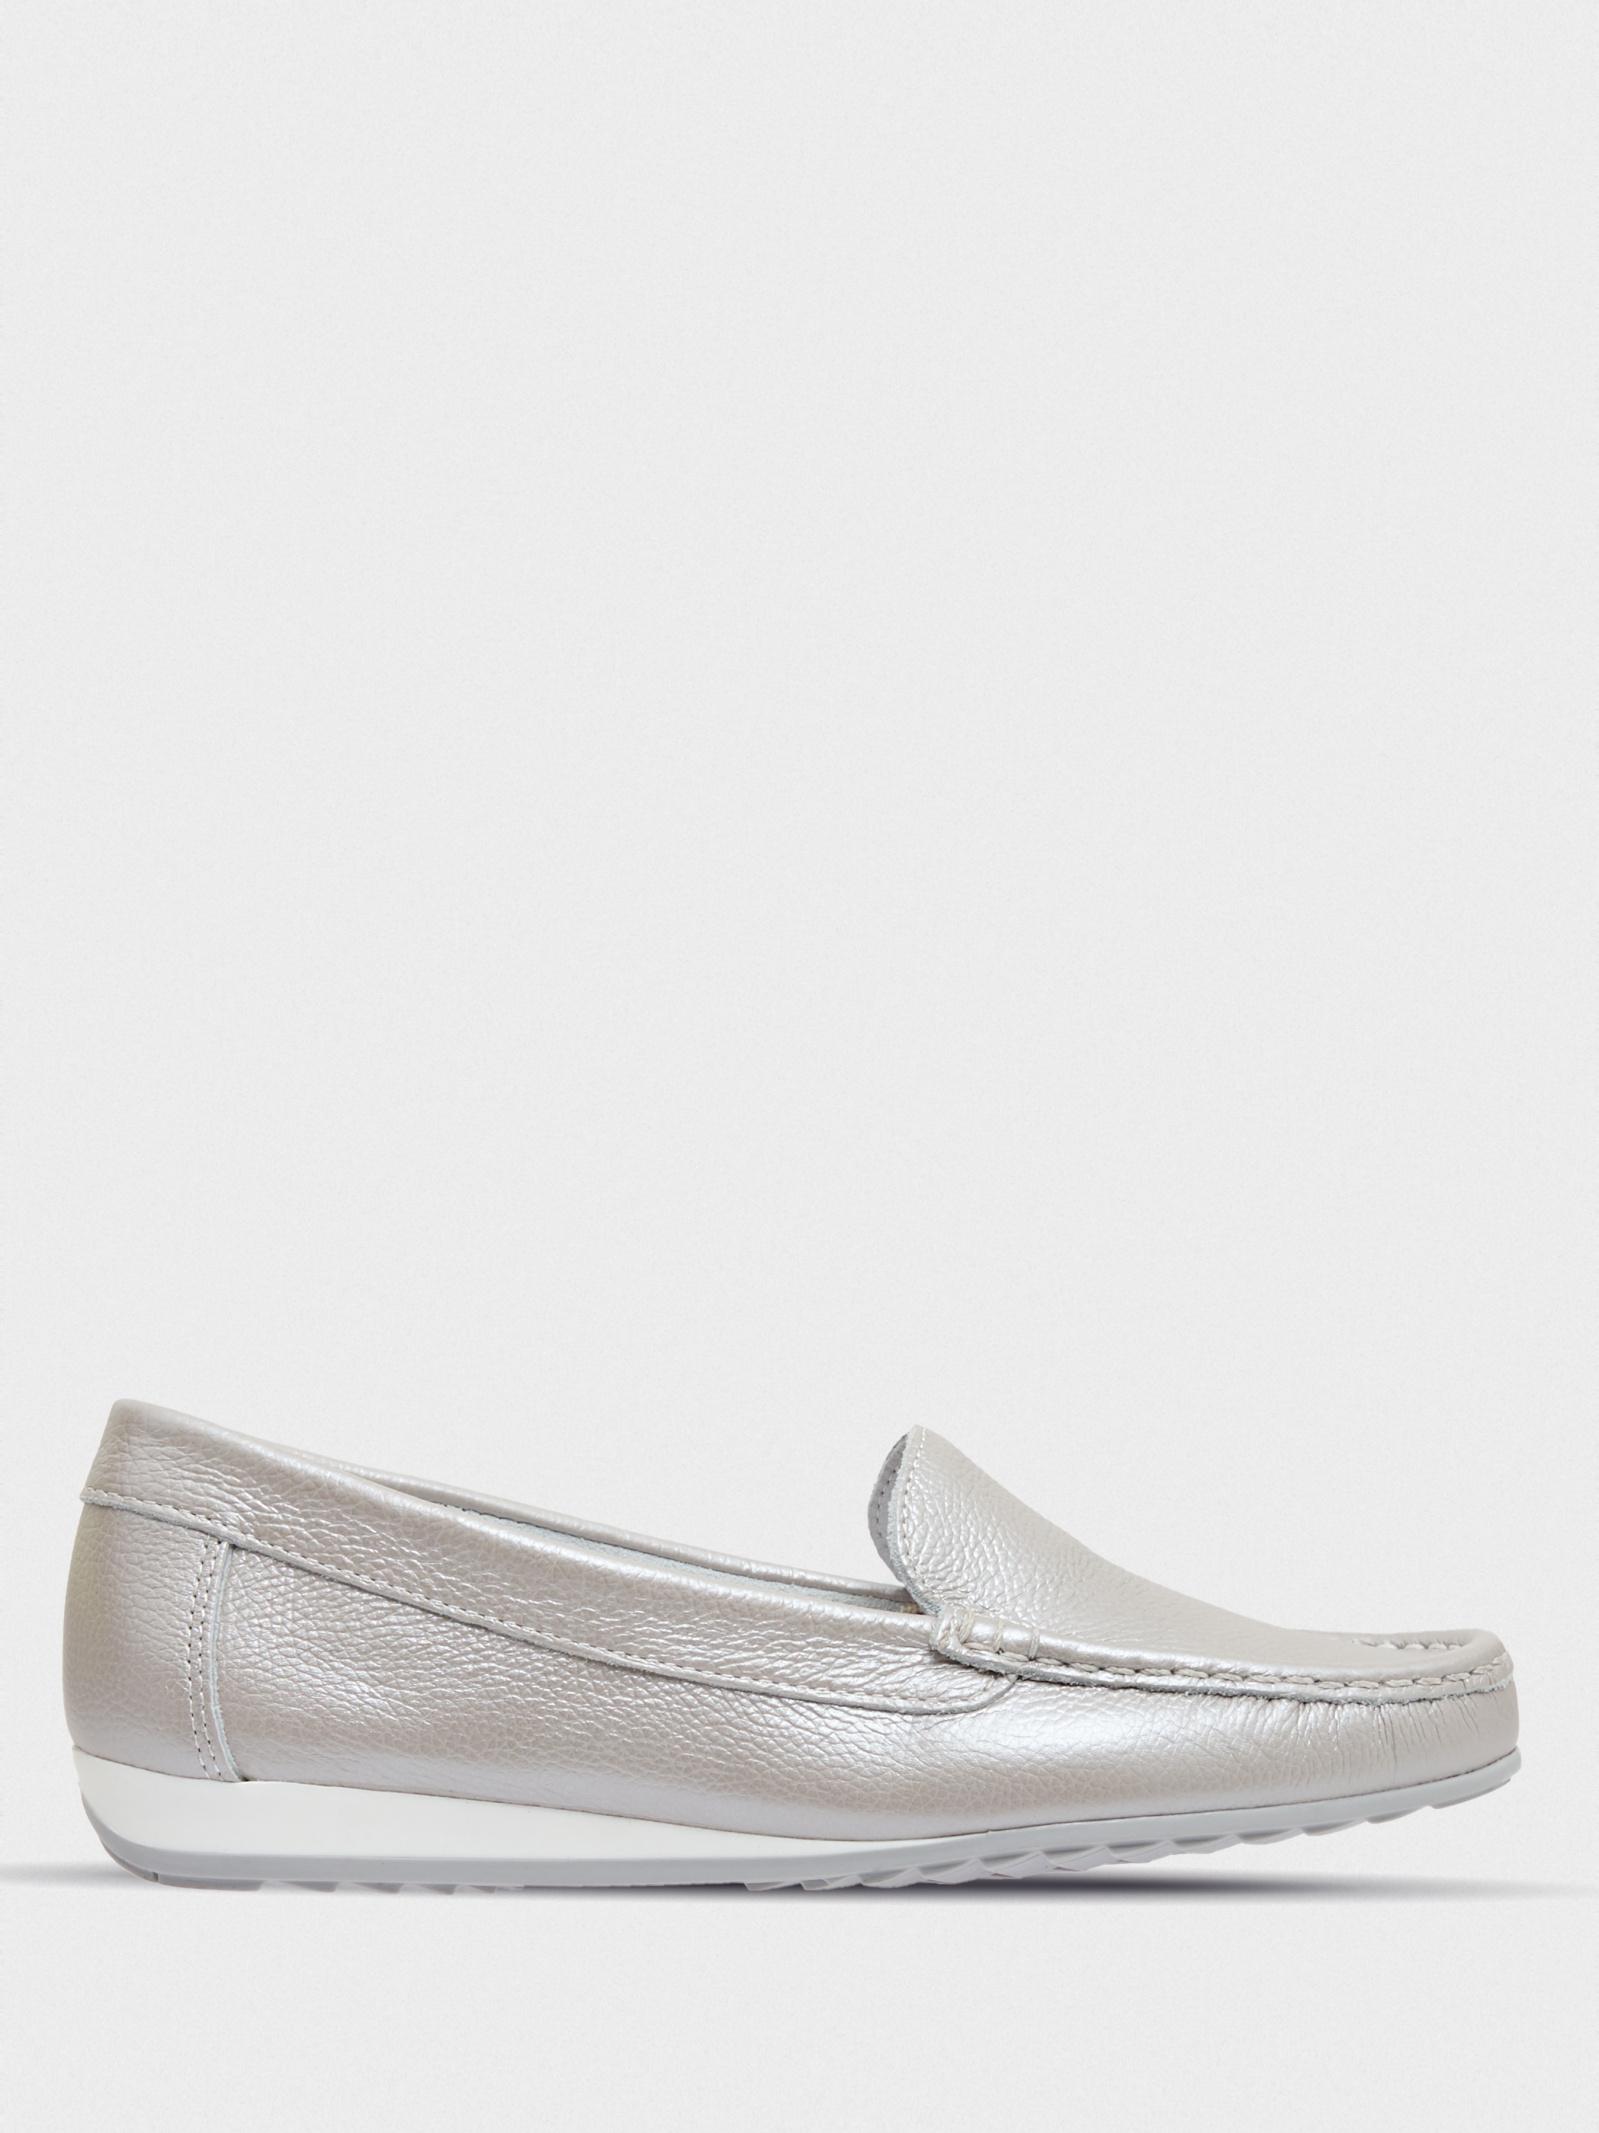 Мокасини  жіночі Filipe Shoes 11231 розміри взуття, 2017